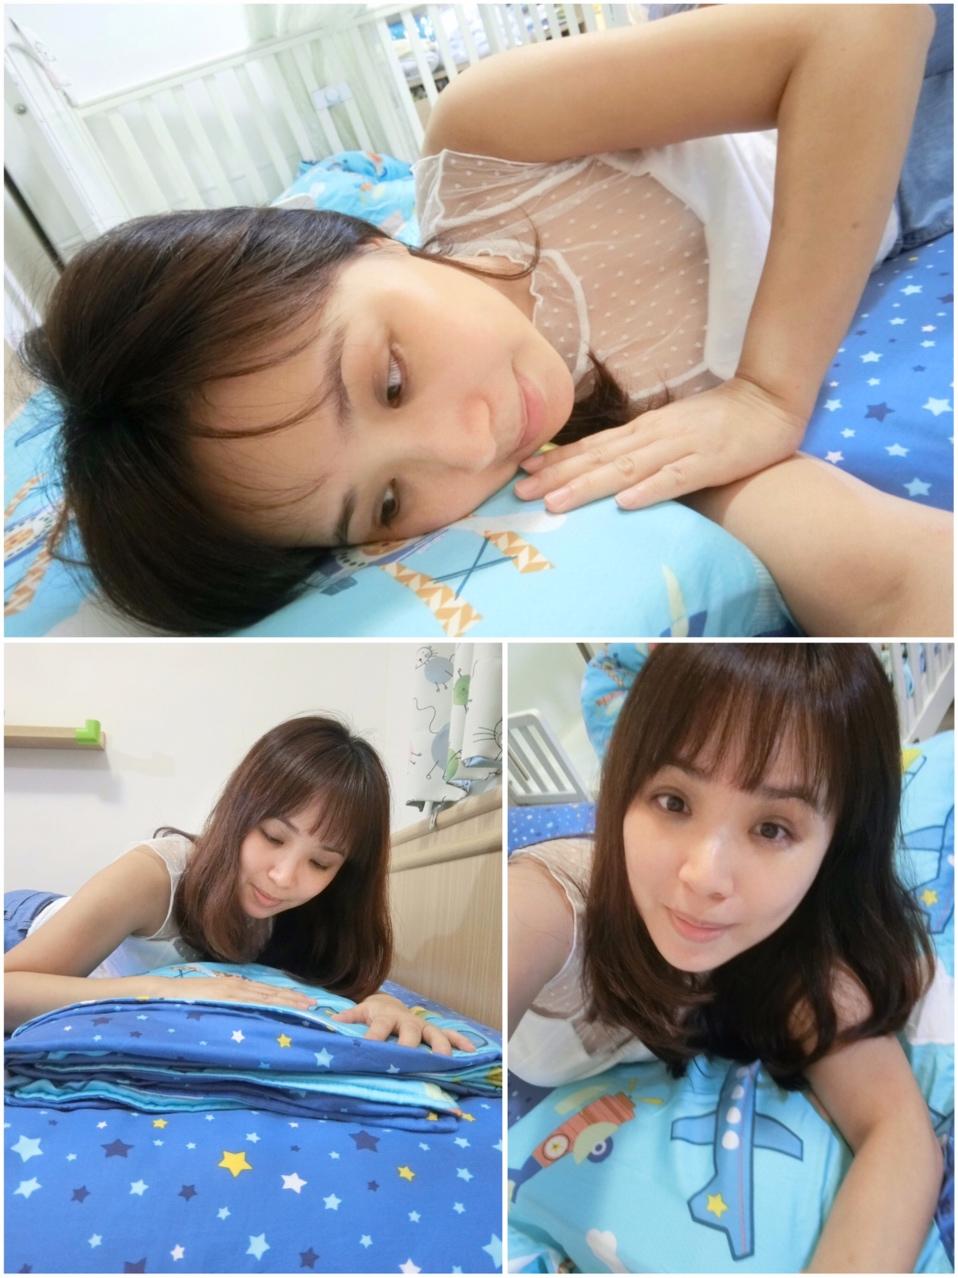 IMG_6998.JPG-在柔軟床被裡 品味親子戀愛時光